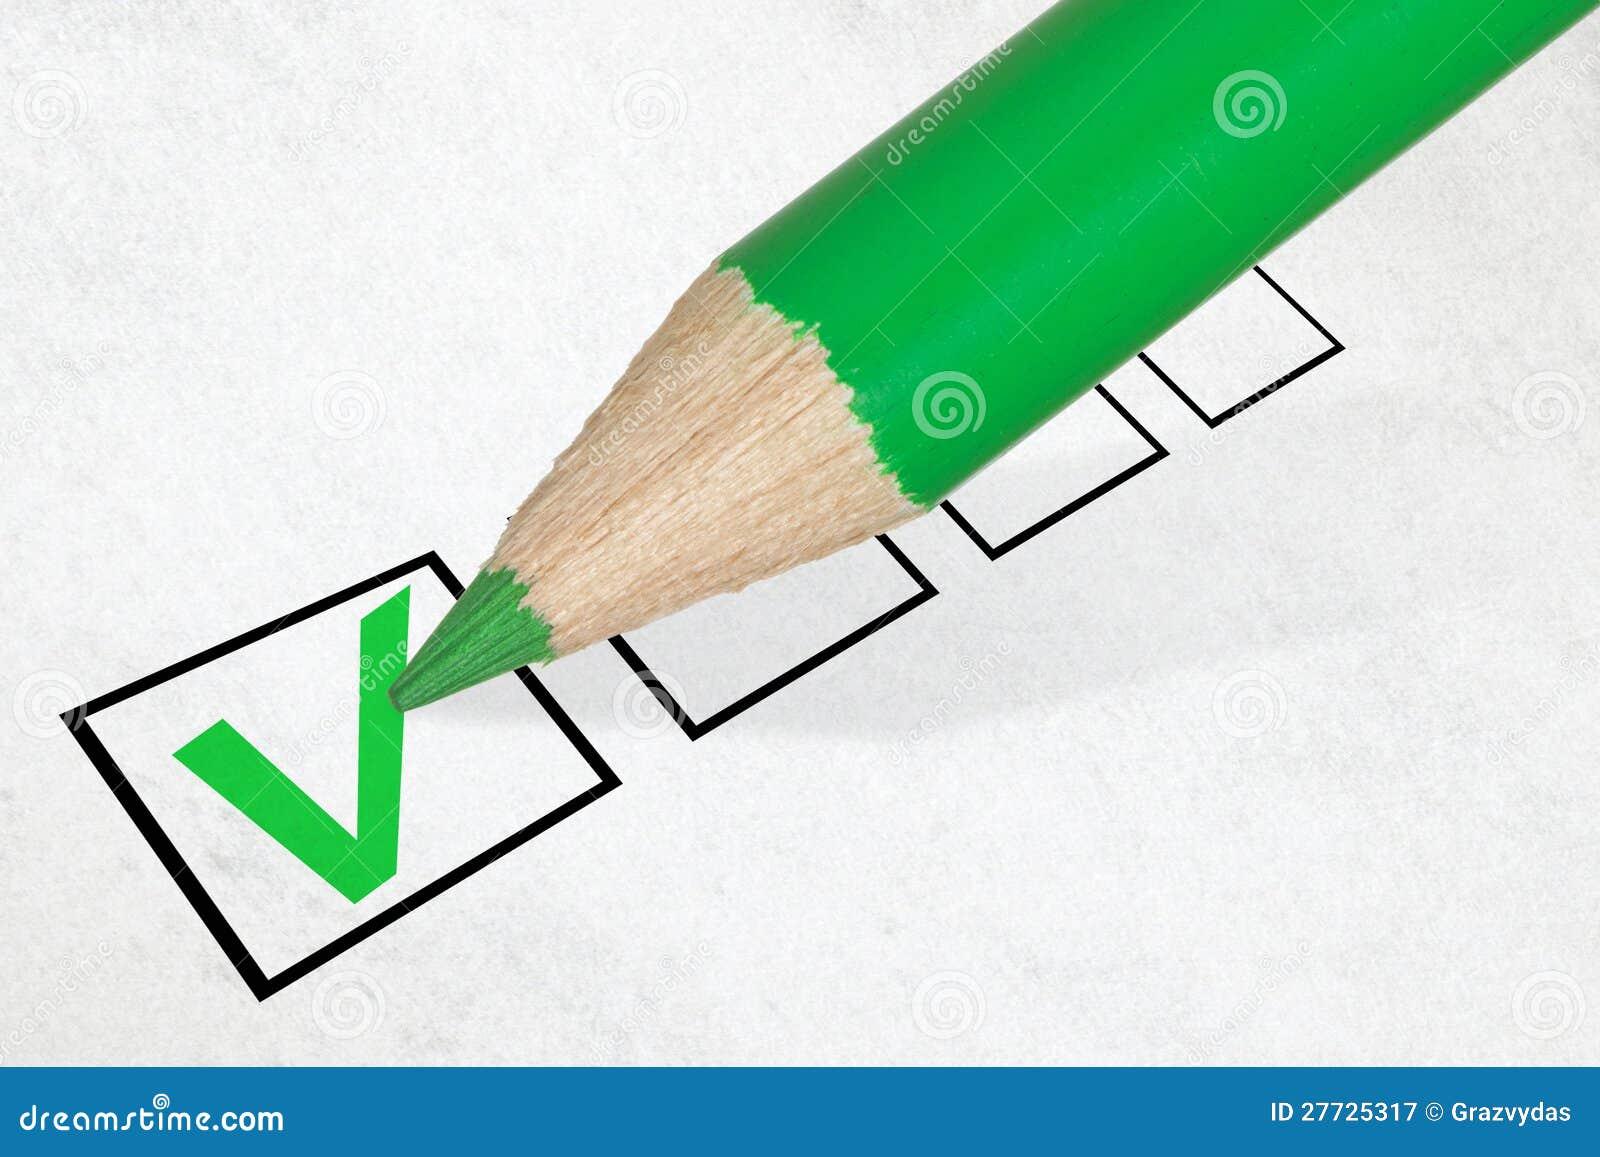 Grüner Bleistiftmarkierungs-Checkkasten